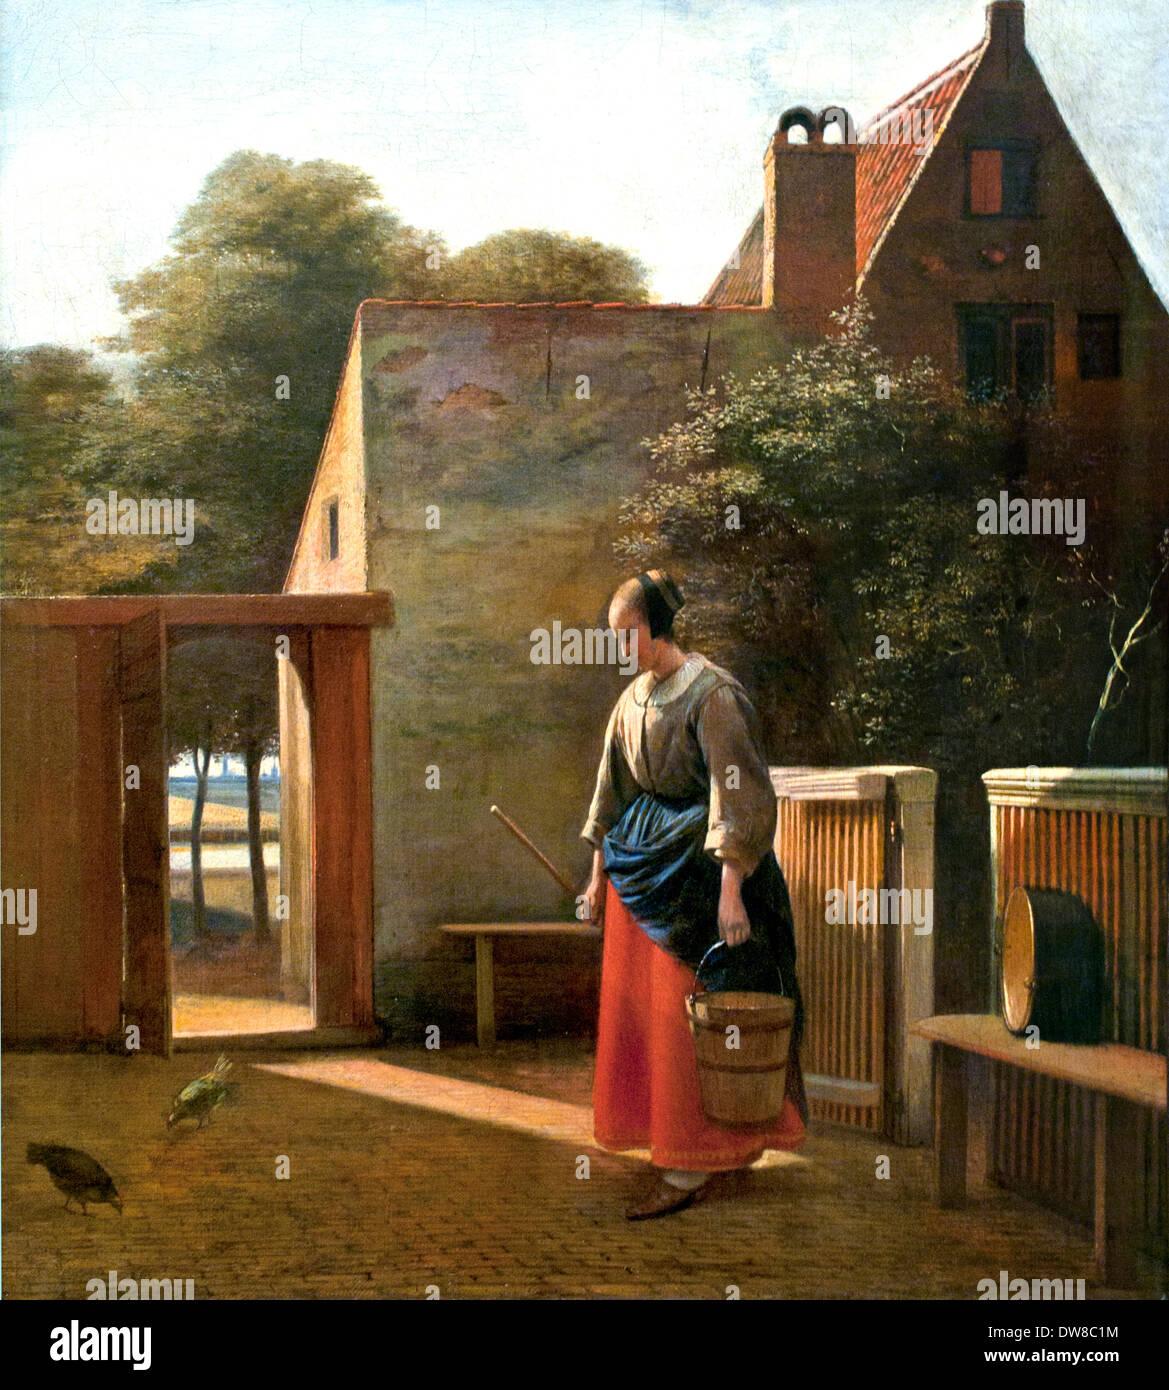 Una cameriera con la benna in un cortile 1660 Pieter De Hooch 1629 - 1684 Paesi Bassi Paesi Bassi Immagini Stock